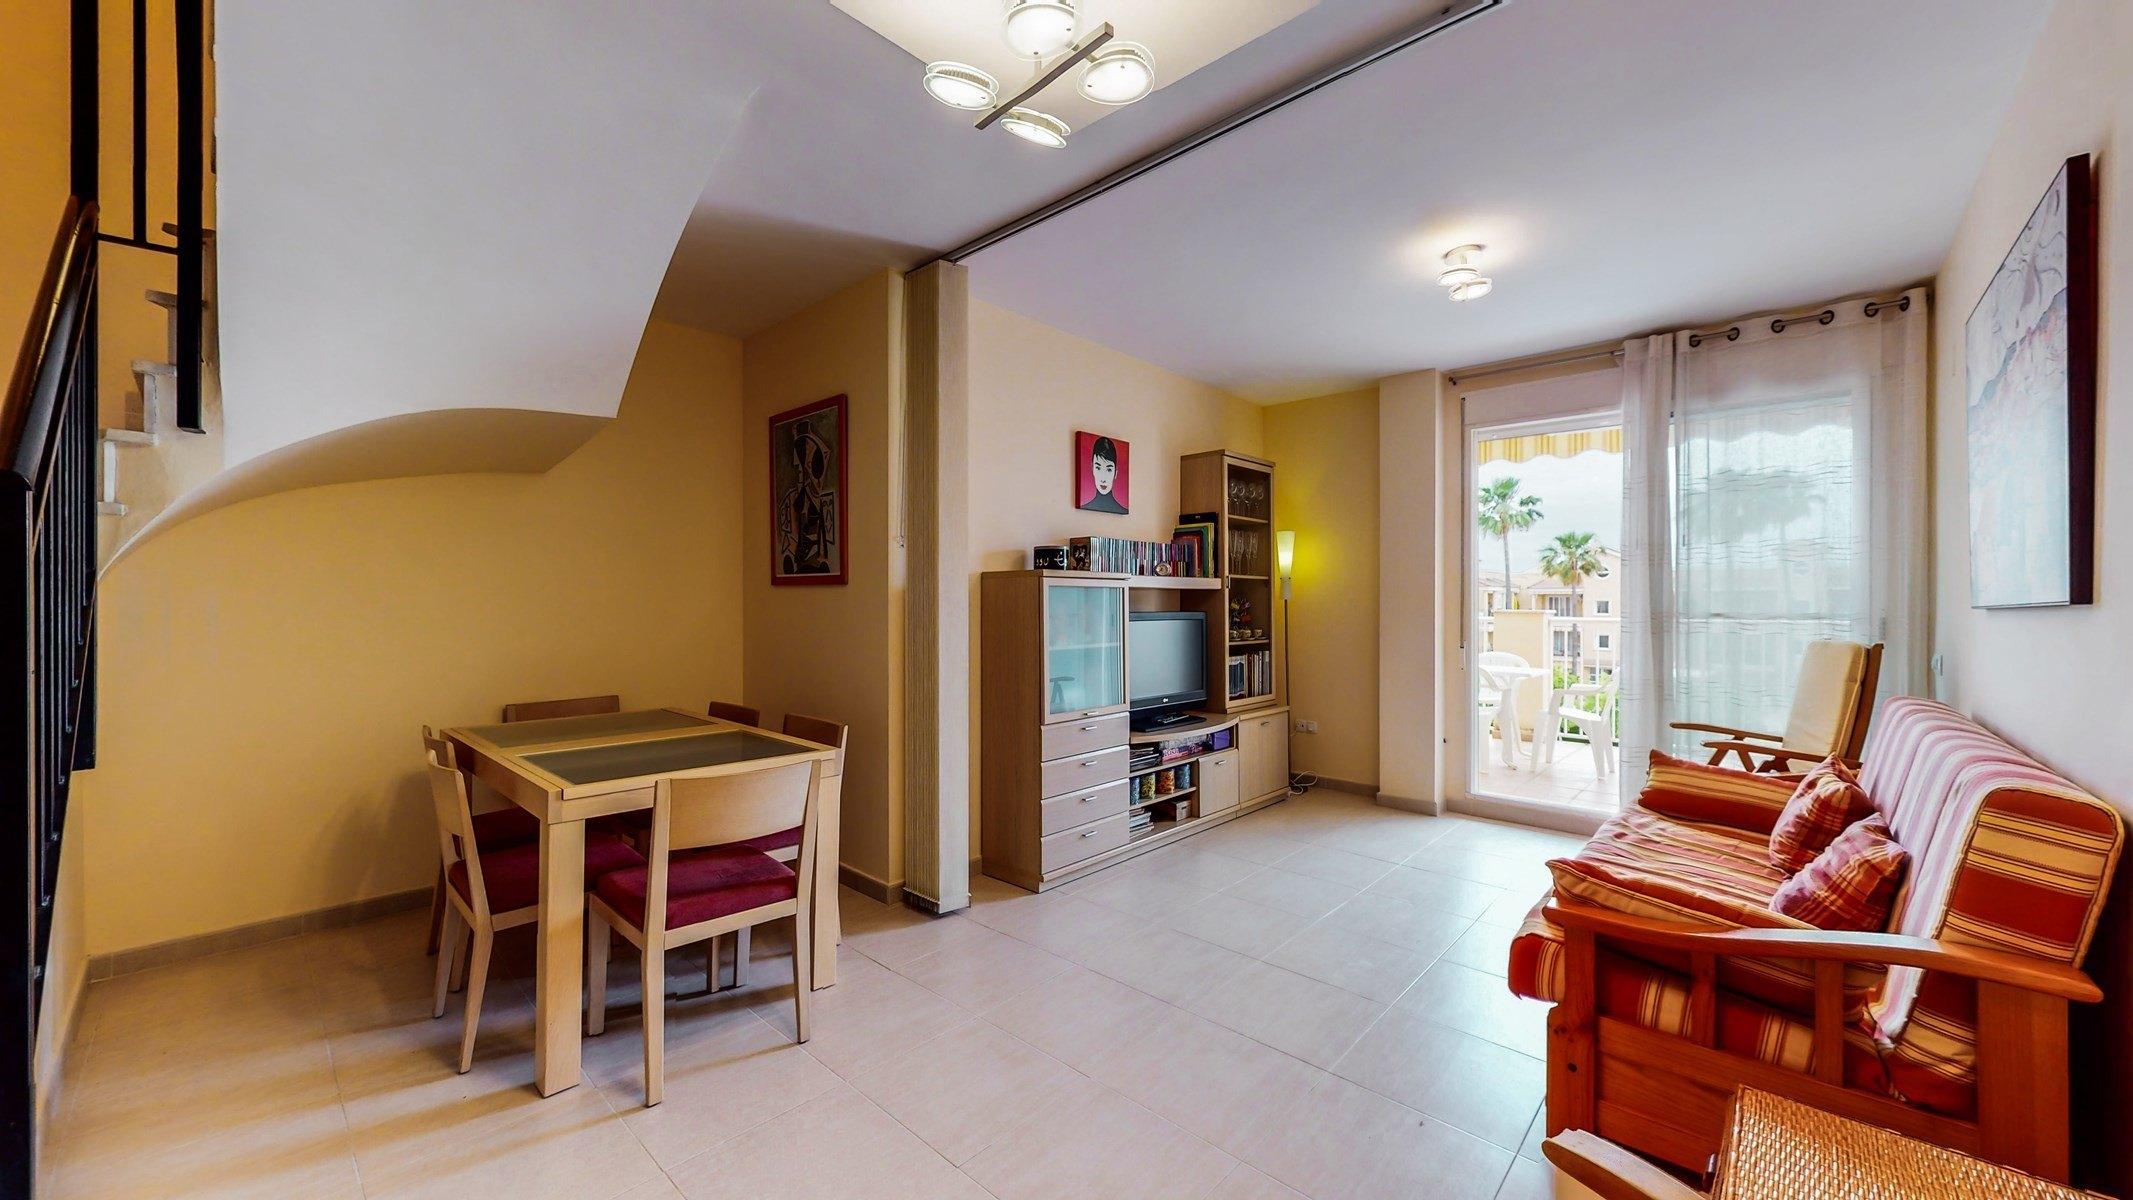 atico-duplex en playa-de-puzol · playa-de-puzol 165000€